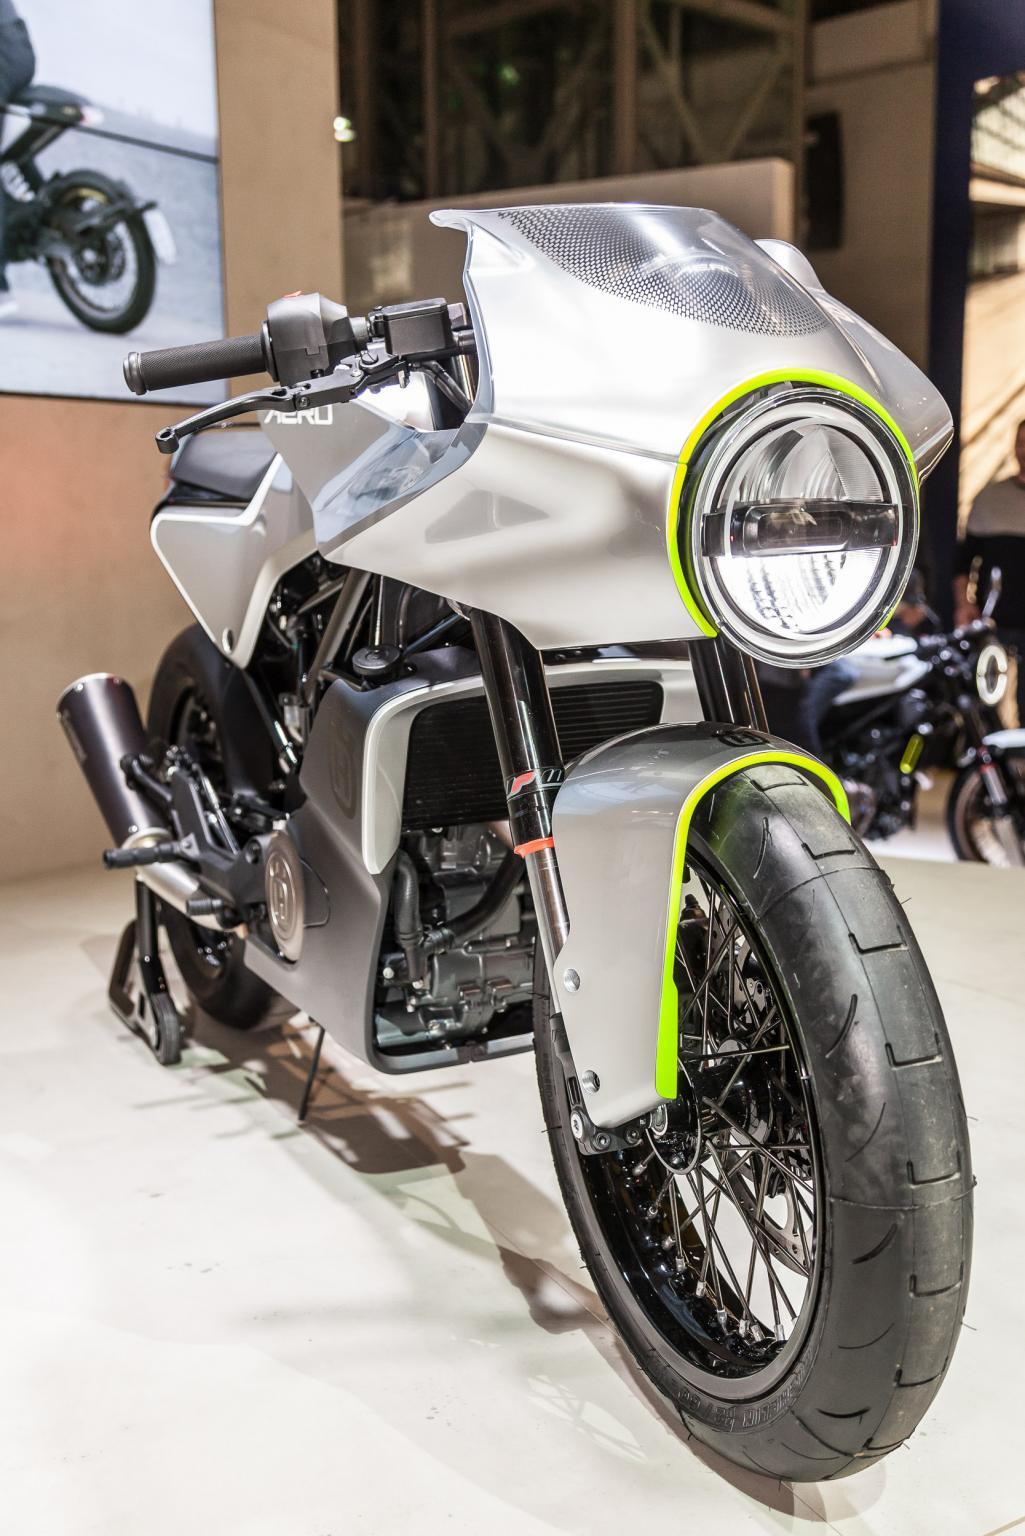 husqvarna vitpilen 401 aero 2017 motorrad fotos motorrad. Black Bedroom Furniture Sets. Home Design Ideas